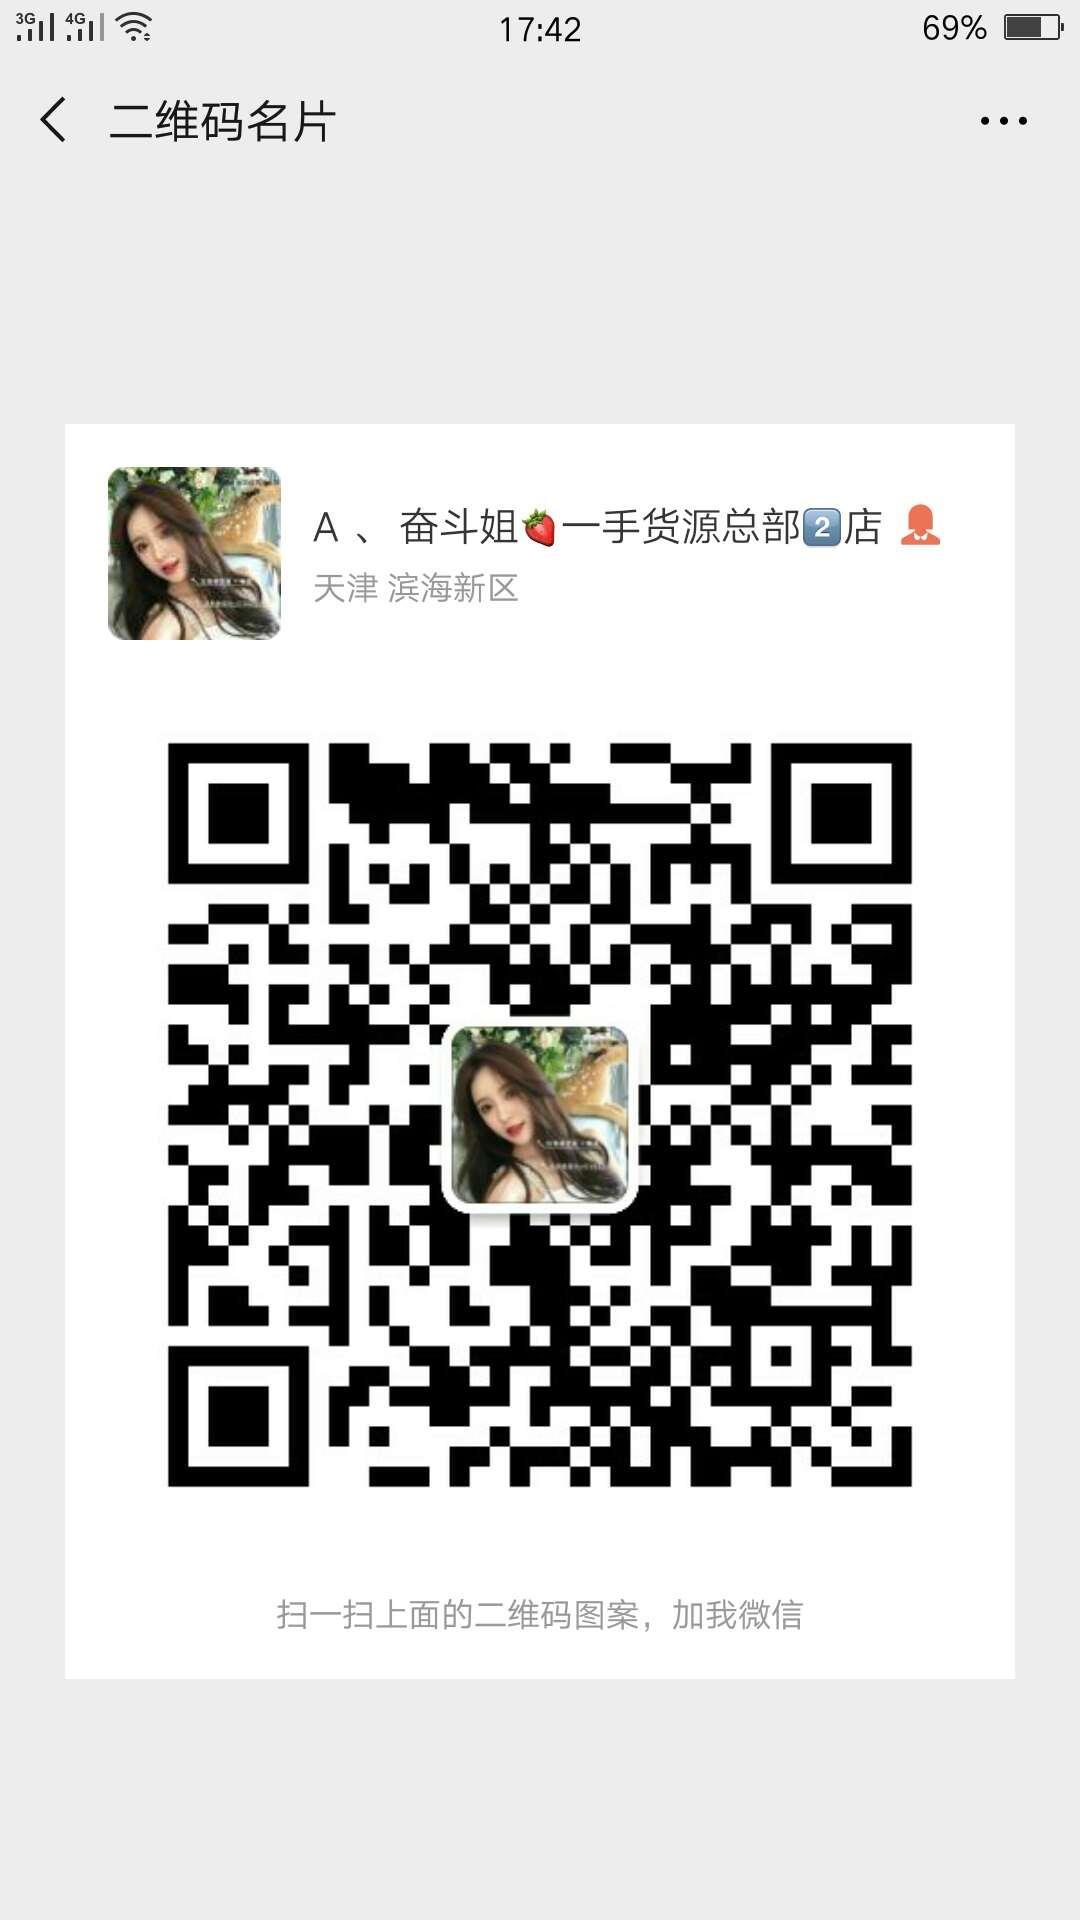 微信图片_20190516175345.jpg